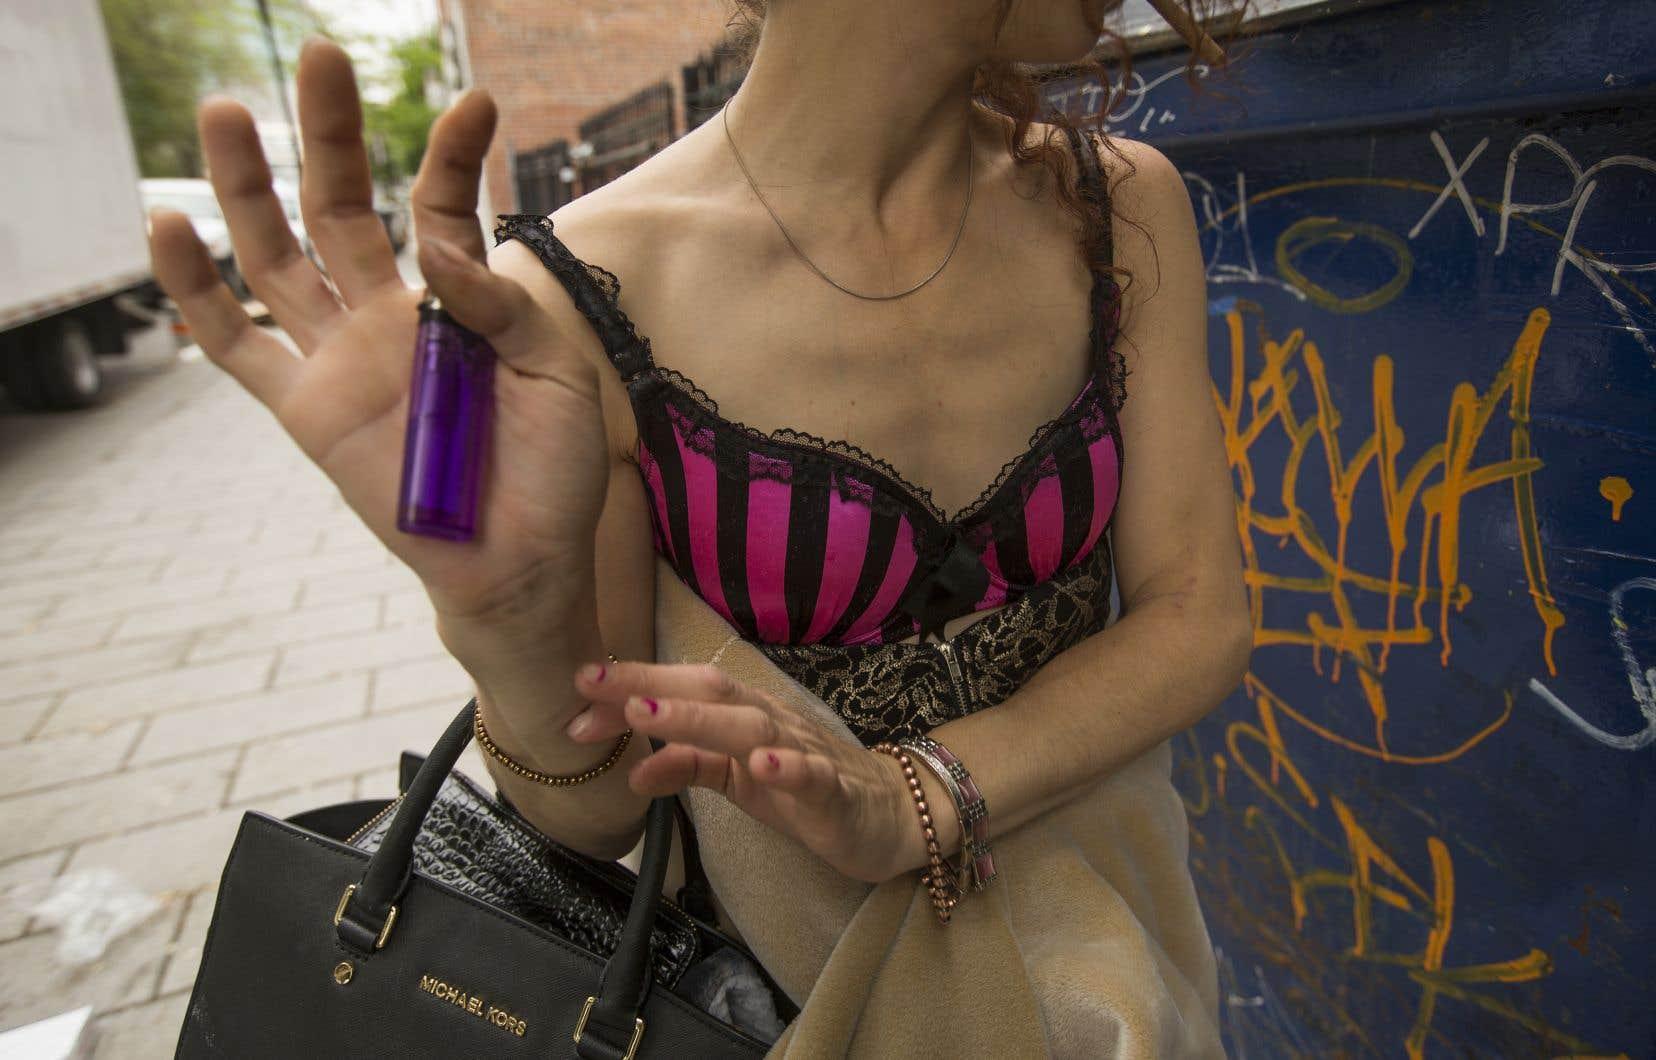 «Y a-t-il un #metoo pour les femmes qui se trouvent dans l'industrie de sexe?» demande l'auteure.